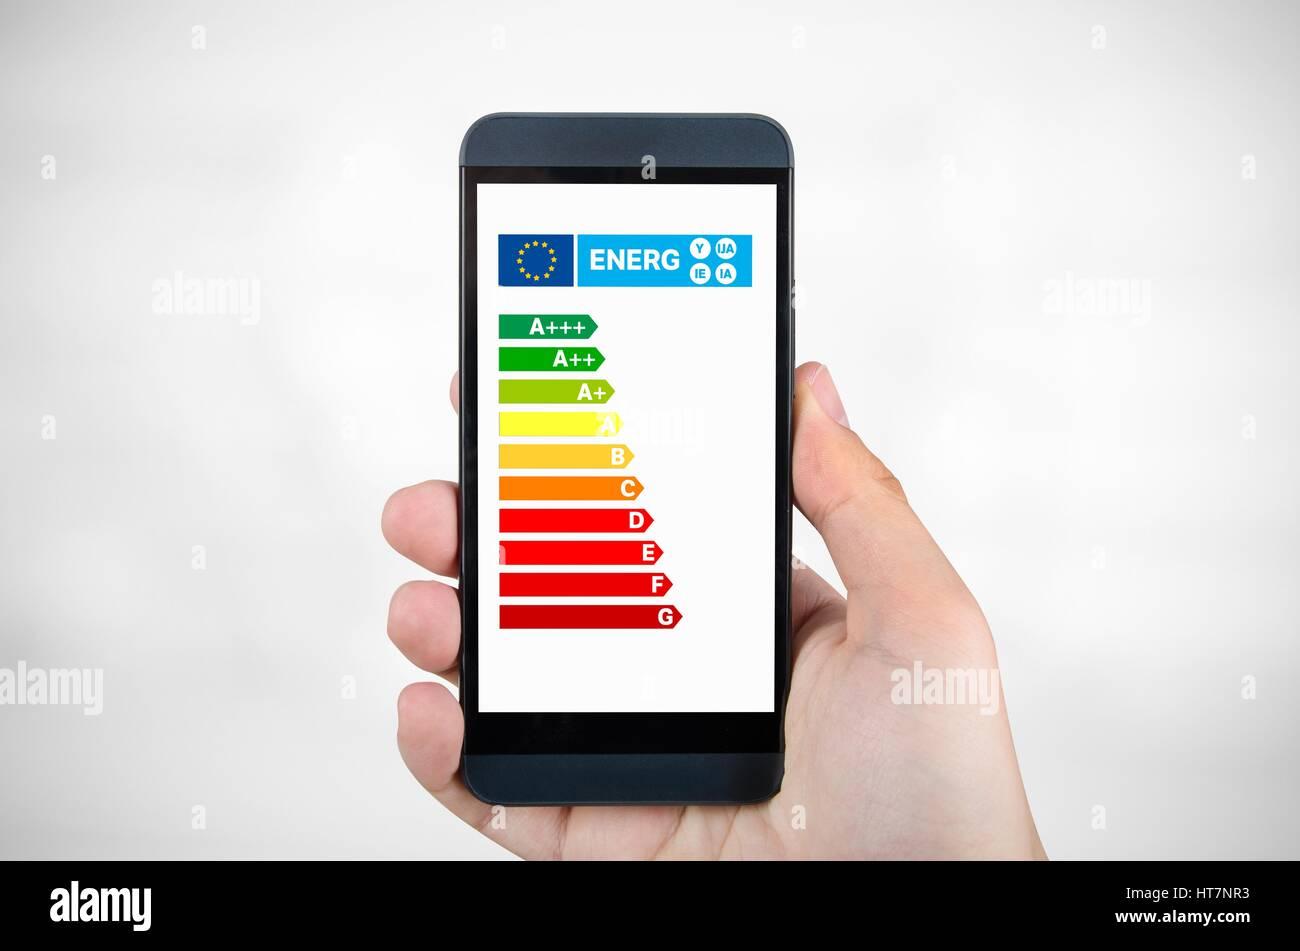 Man holding smartphone avec tableau de l'efficacité énergétique. Dans l'épargne home Photo Stock